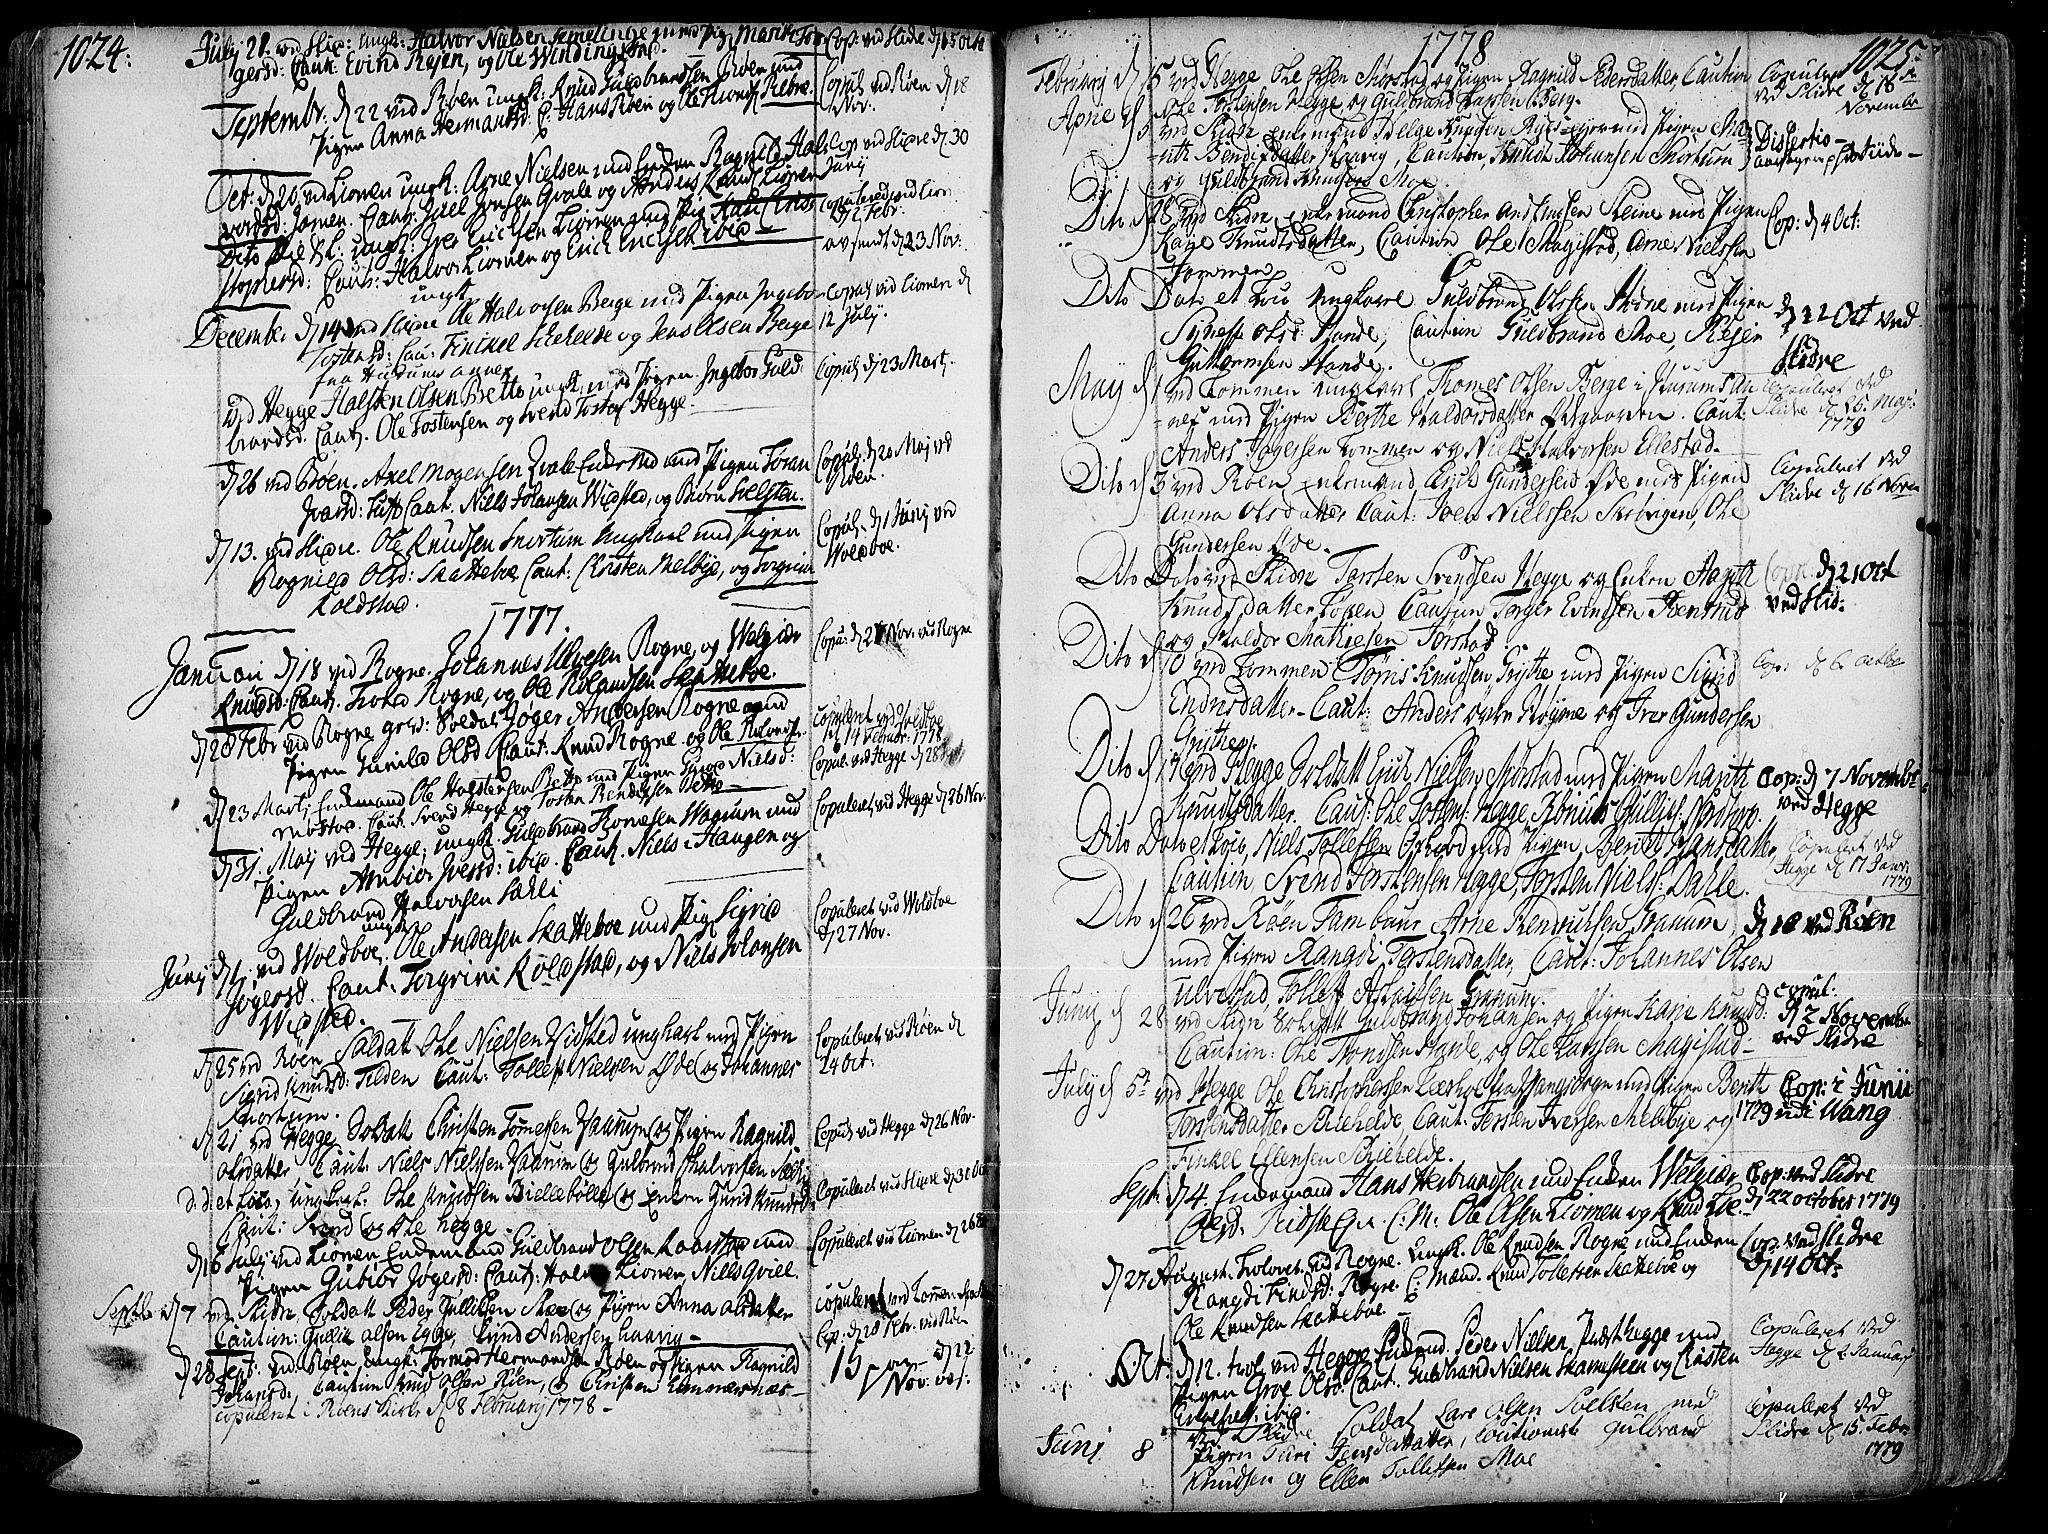 SAH, Slidre prestekontor, Ministerialbok nr. 1, 1724-1814, s. 1024-1025